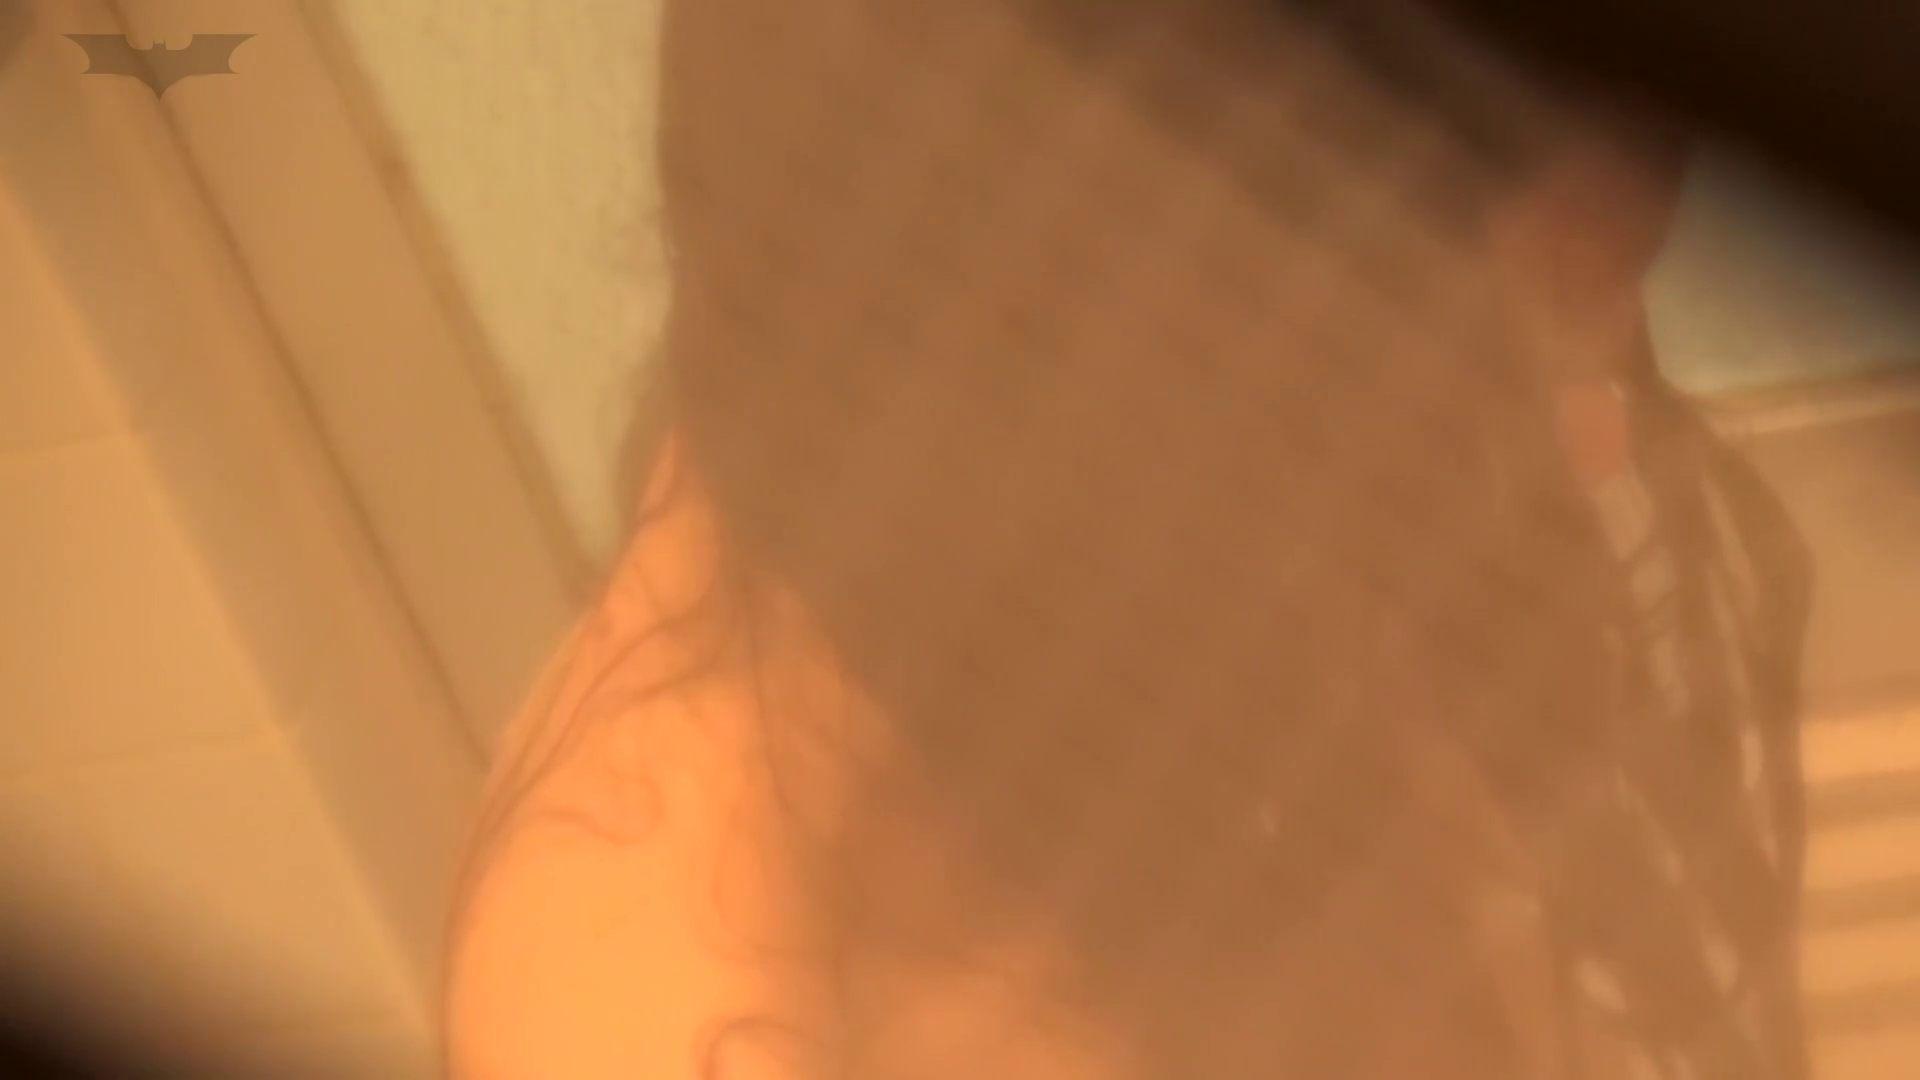 *華の女子寮ノゾキ* vol.03 こないだまでJKだった黒髪炉利っ子。 女子寮 | 美乳  98枚 31